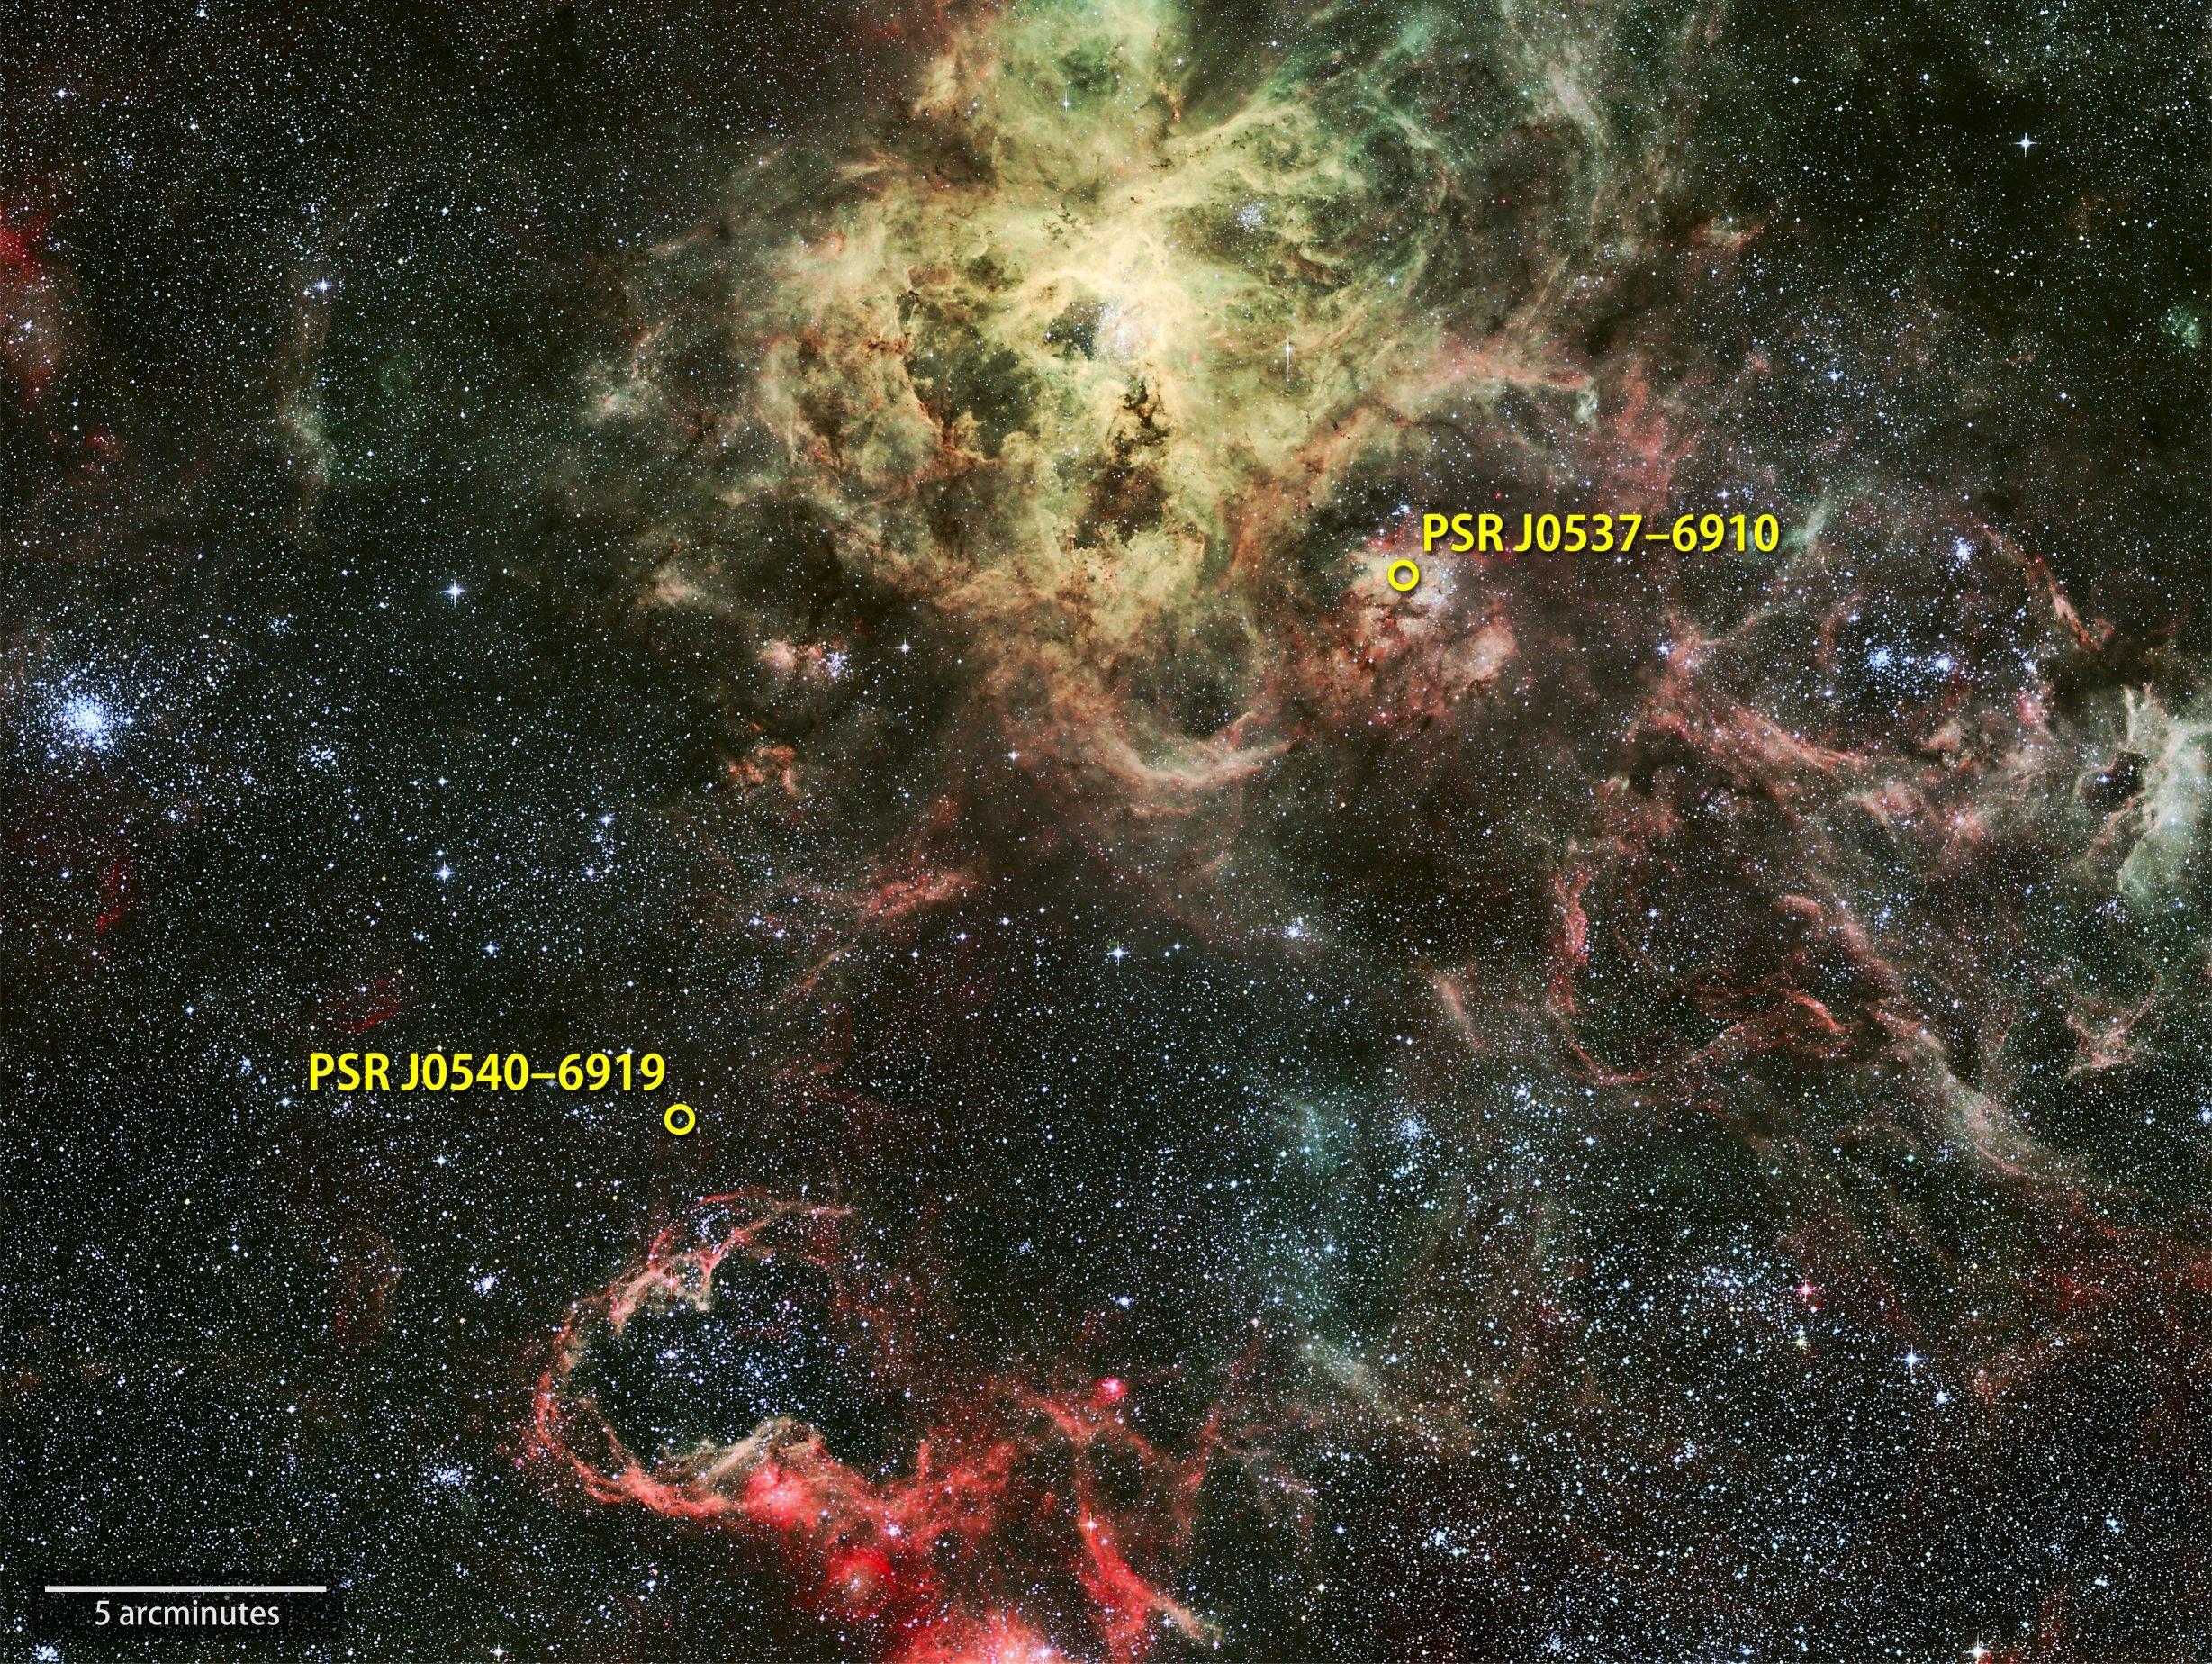 bpc_fermi-eso-tarantula-pulsars-labeled.jpg